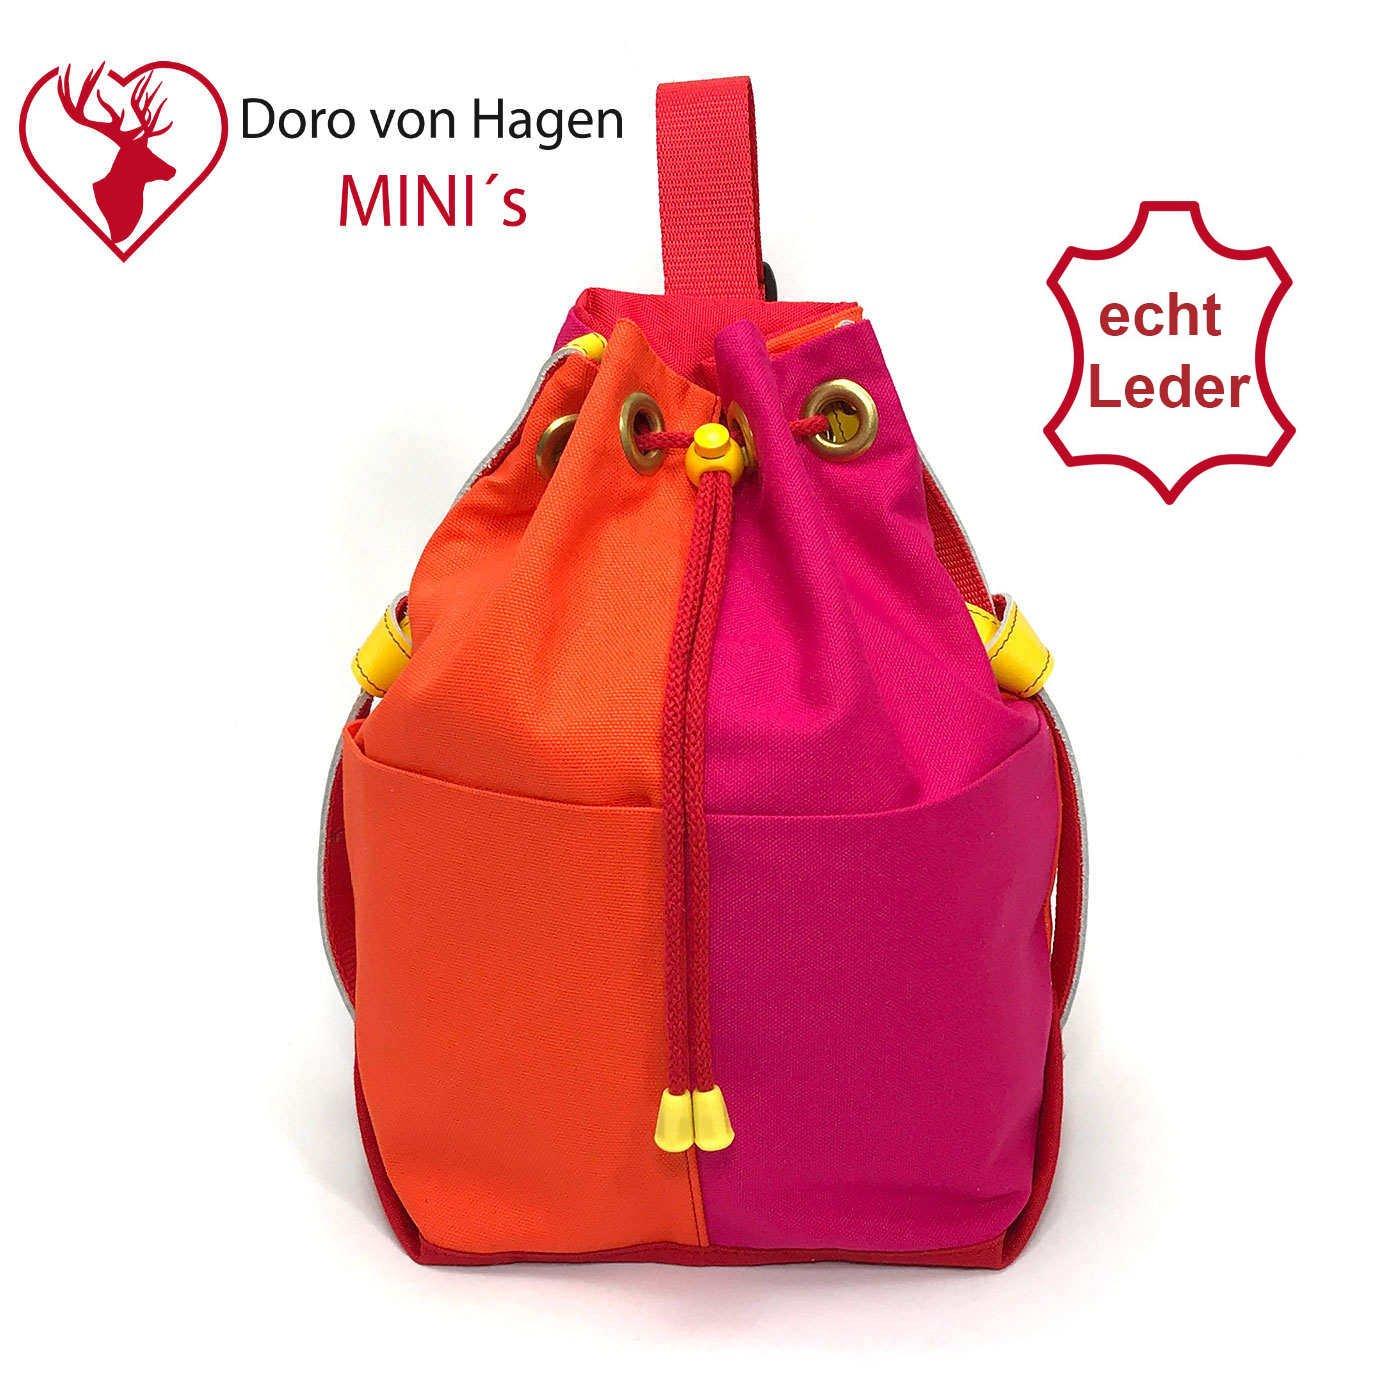 Kinder Designer Seesack JODY mit gelben Ledergriffen. Kinder Sling Bag Crossbody Rucksack in Orange, Pink und Rot. Kita Rucksack für Mädchen (M-SR-o-p)